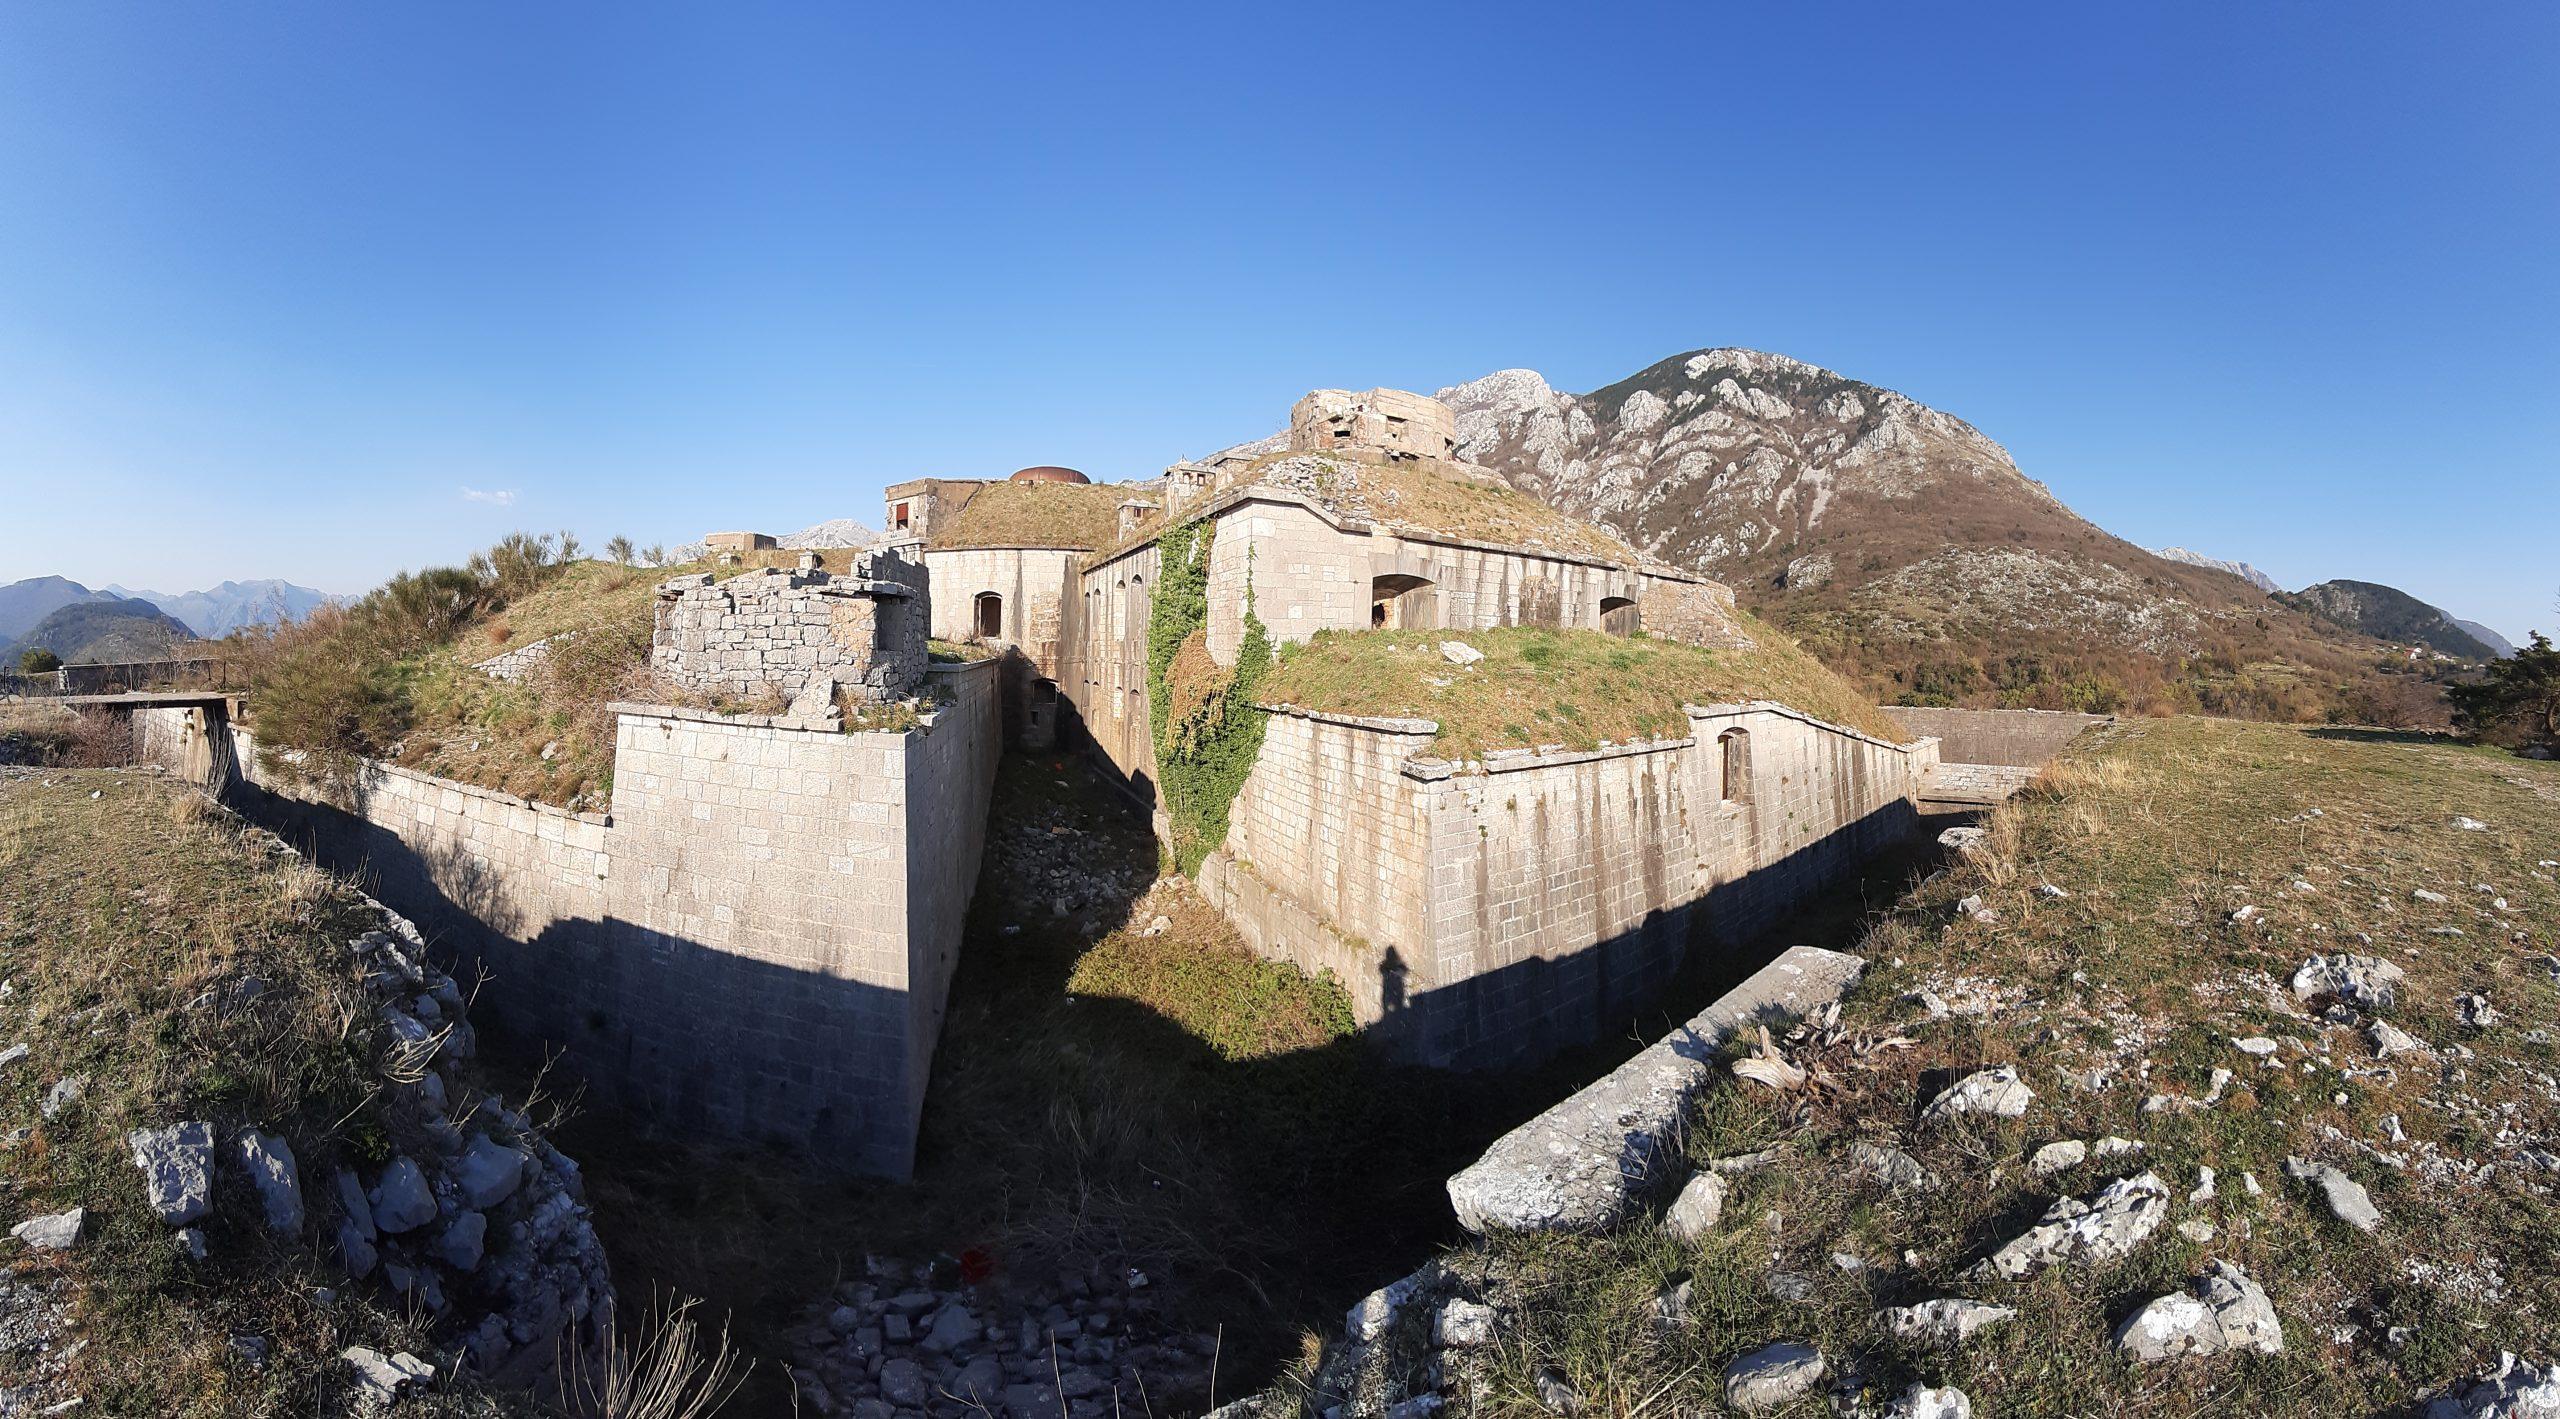 gorazde-fotress-boka-bay-nomad-tours-montenegro